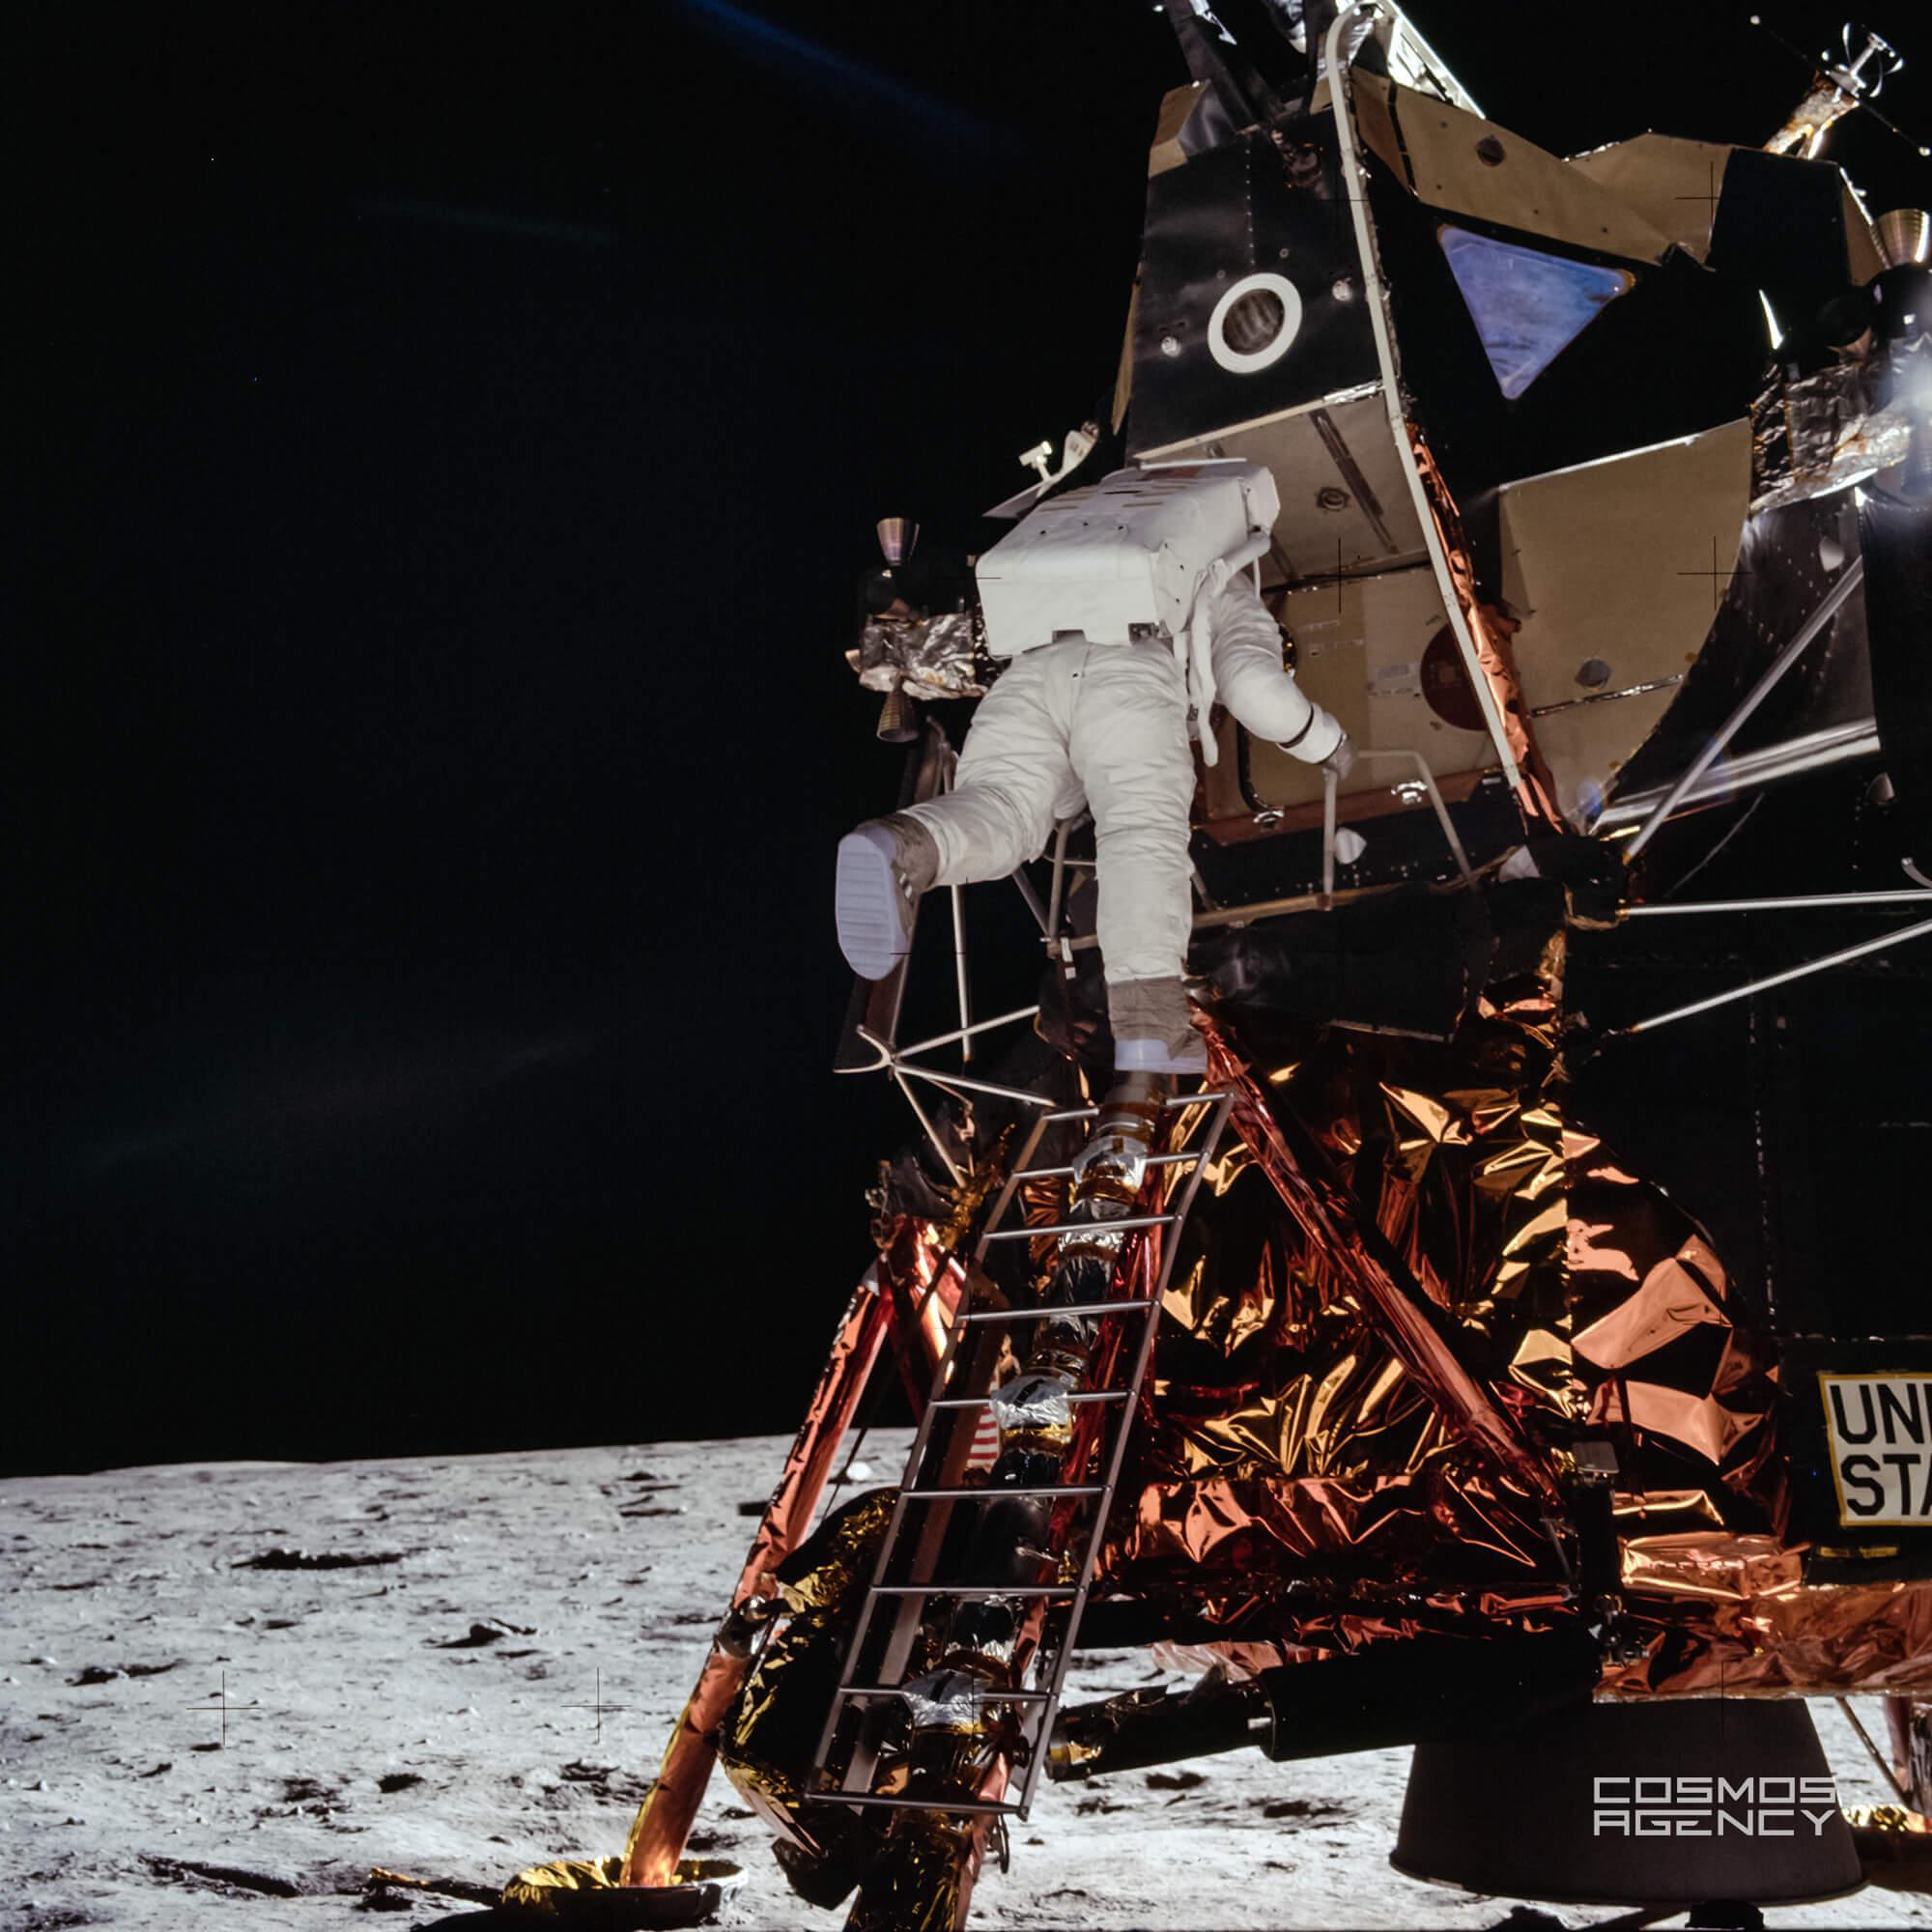 Астронавт NASA Базз Олдрин спускается по лестнице Лунного моделя готовясь ступить на лунный грунт, Аполлон 11, 1969